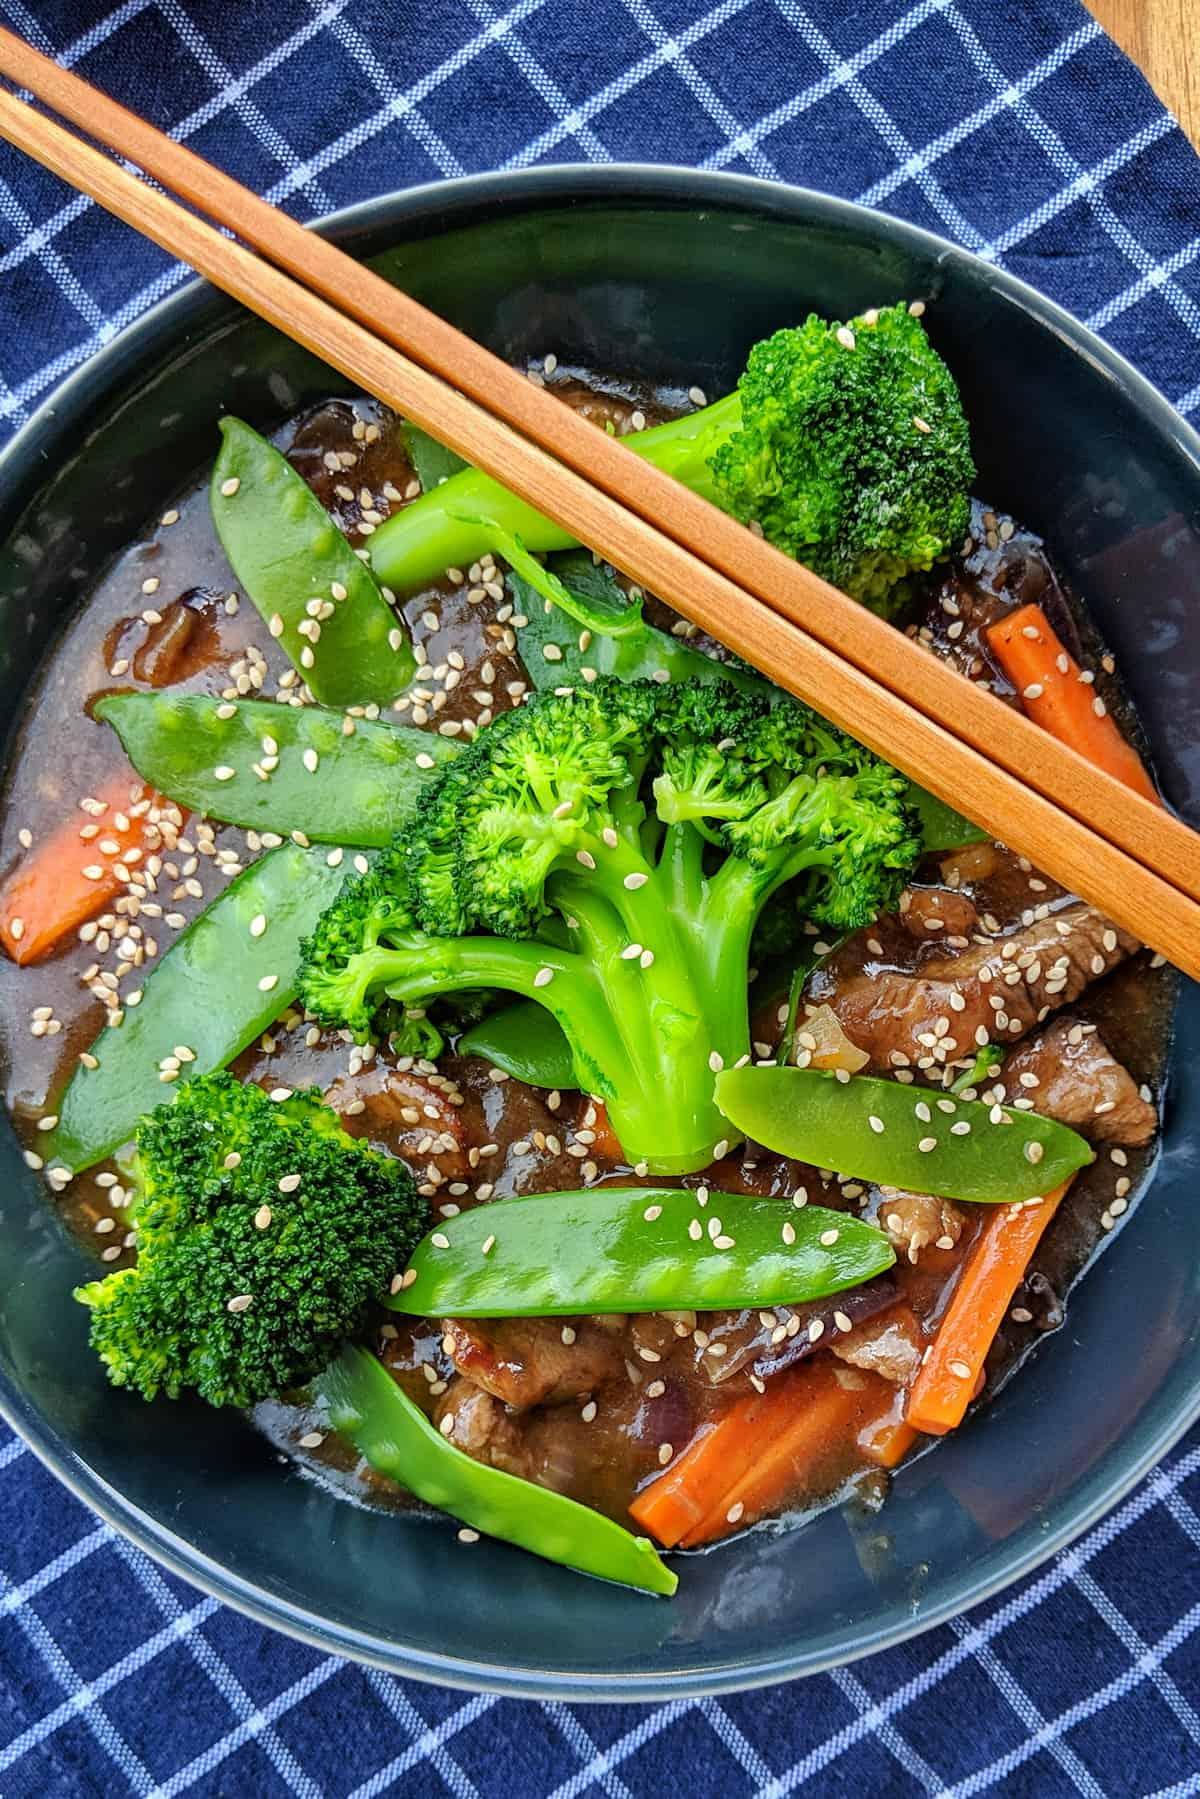 Ein dunkler tiefer Teller mit Rindfleisch Streifen mit Brokkoli und Zuckerschoten. Dahinter eine Schale mit Reis.